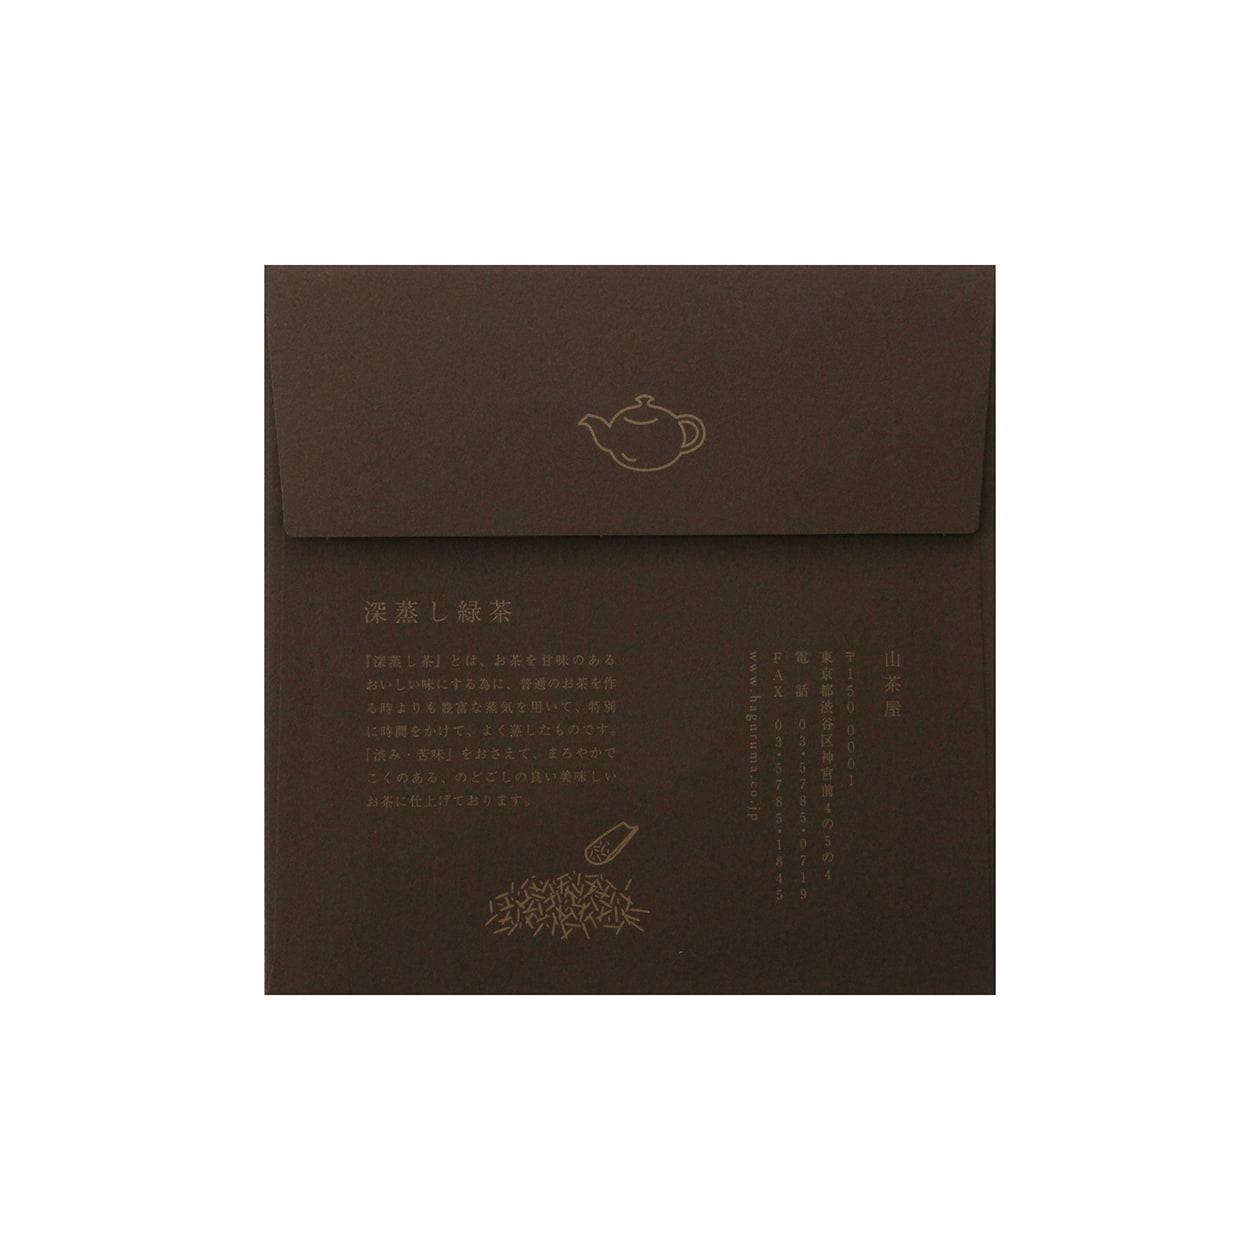 サンプル 封筒・袋 00105